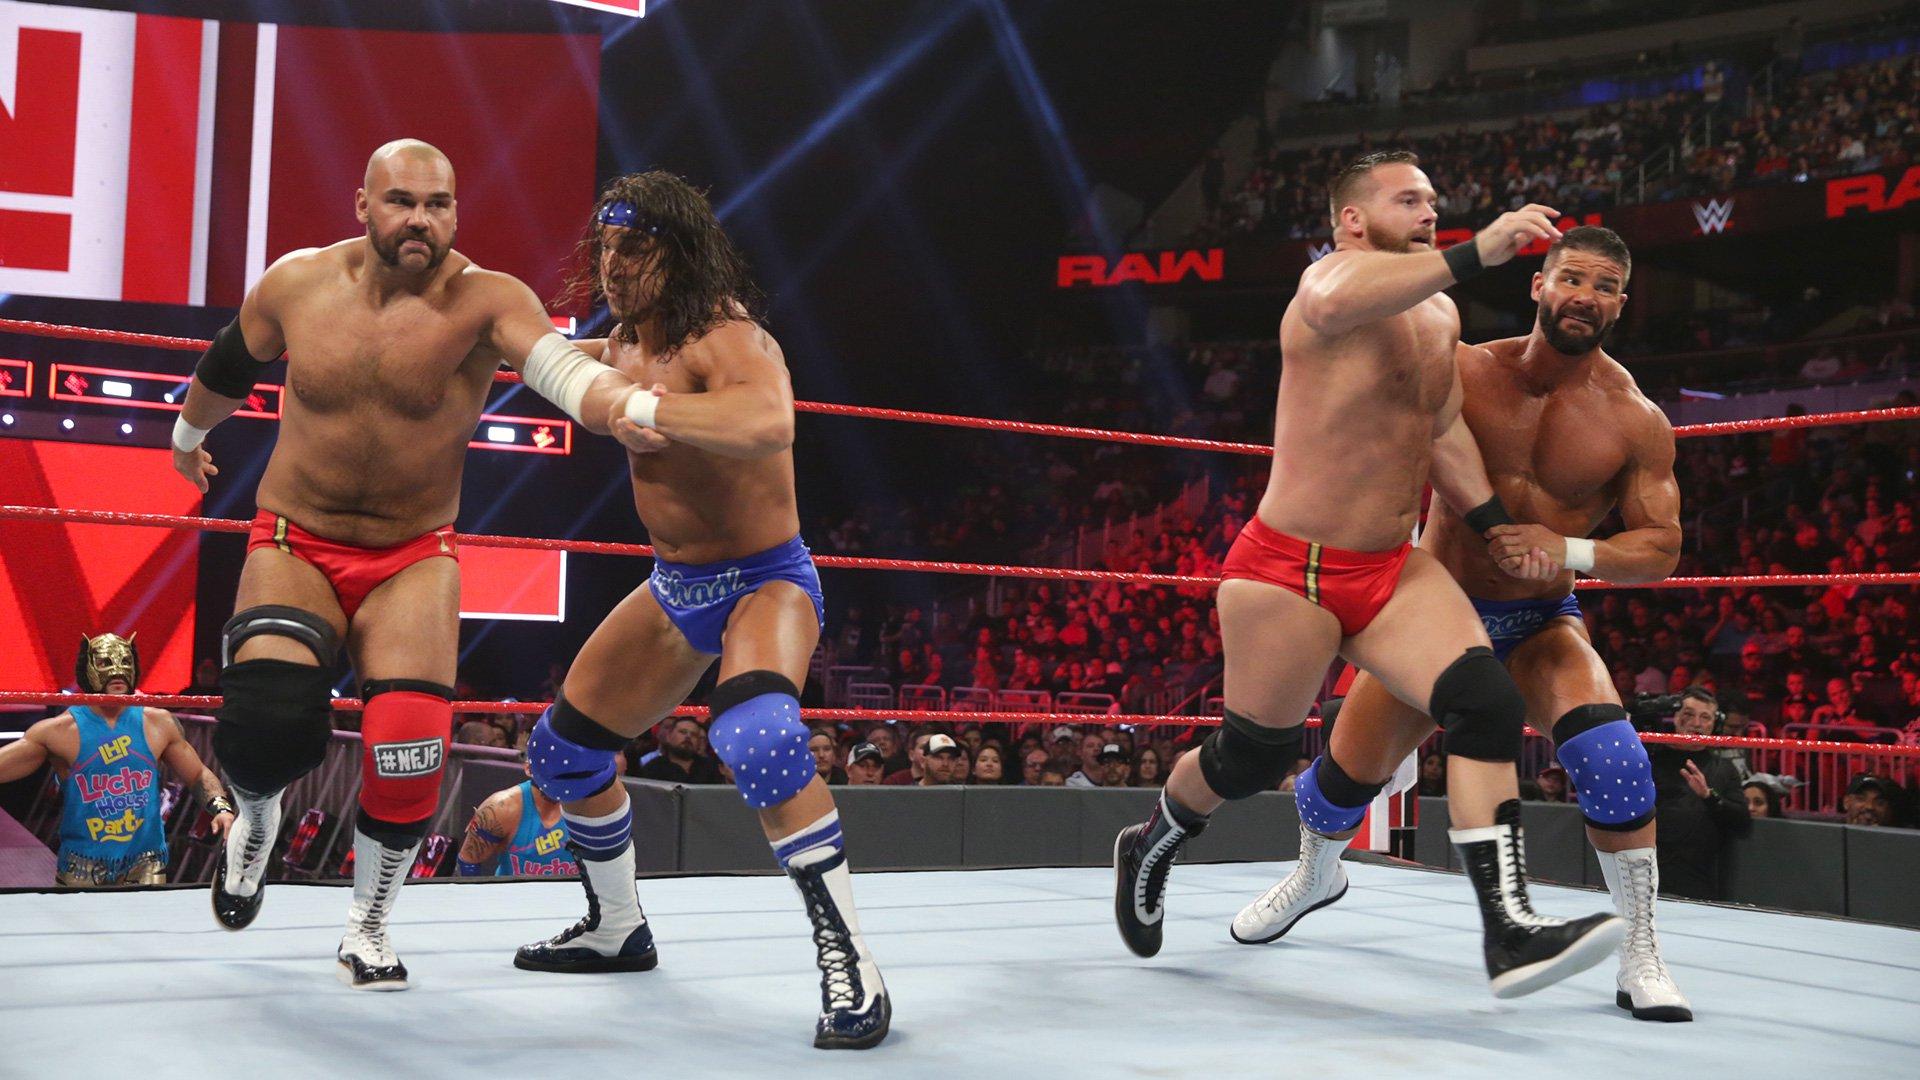 Bobby Roode & Chad Gable vs. The Revival - Match Lumberjack pour les Titres par Équipes de Raw: Raw, 7 Janvier 2019.